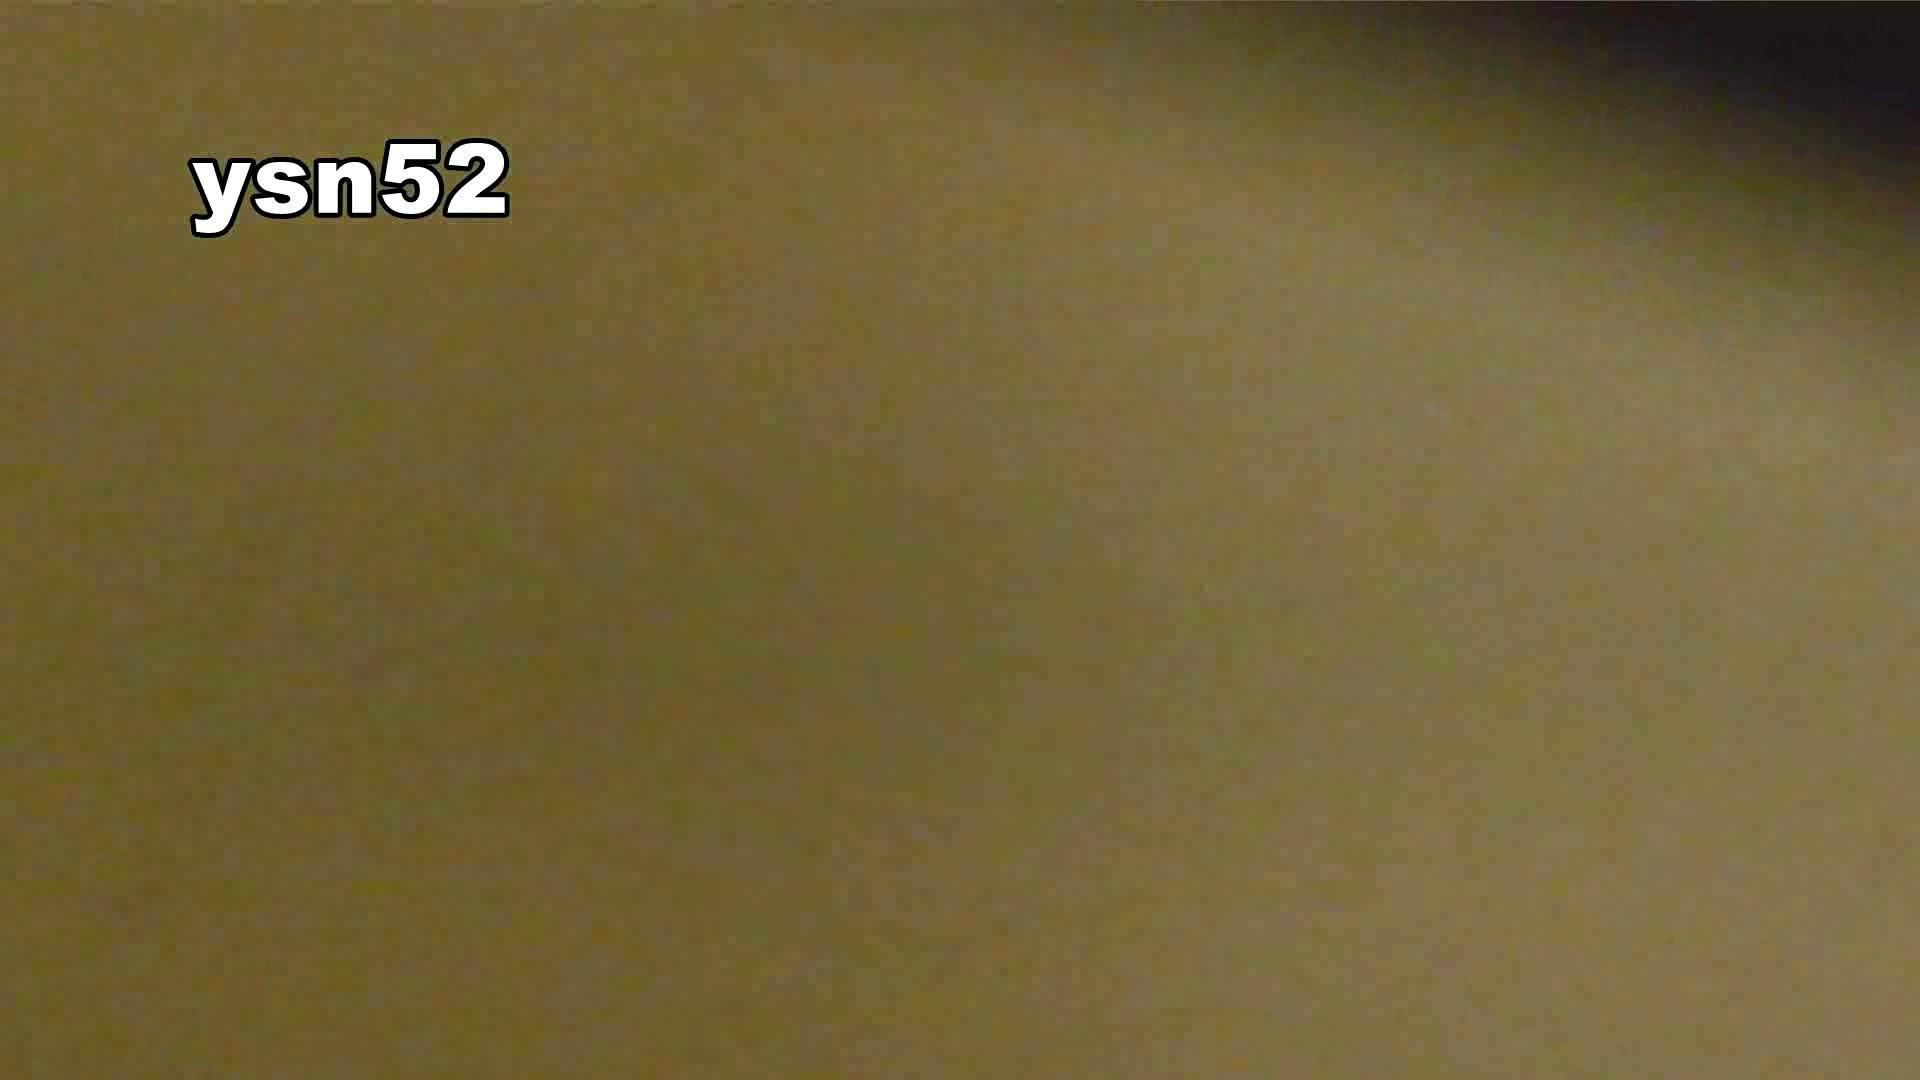 世界の射窓から vol.52 森ガールΣ(゚д゚;) 洗面所のぞき オマンコ無修正動画無料 83枚 19